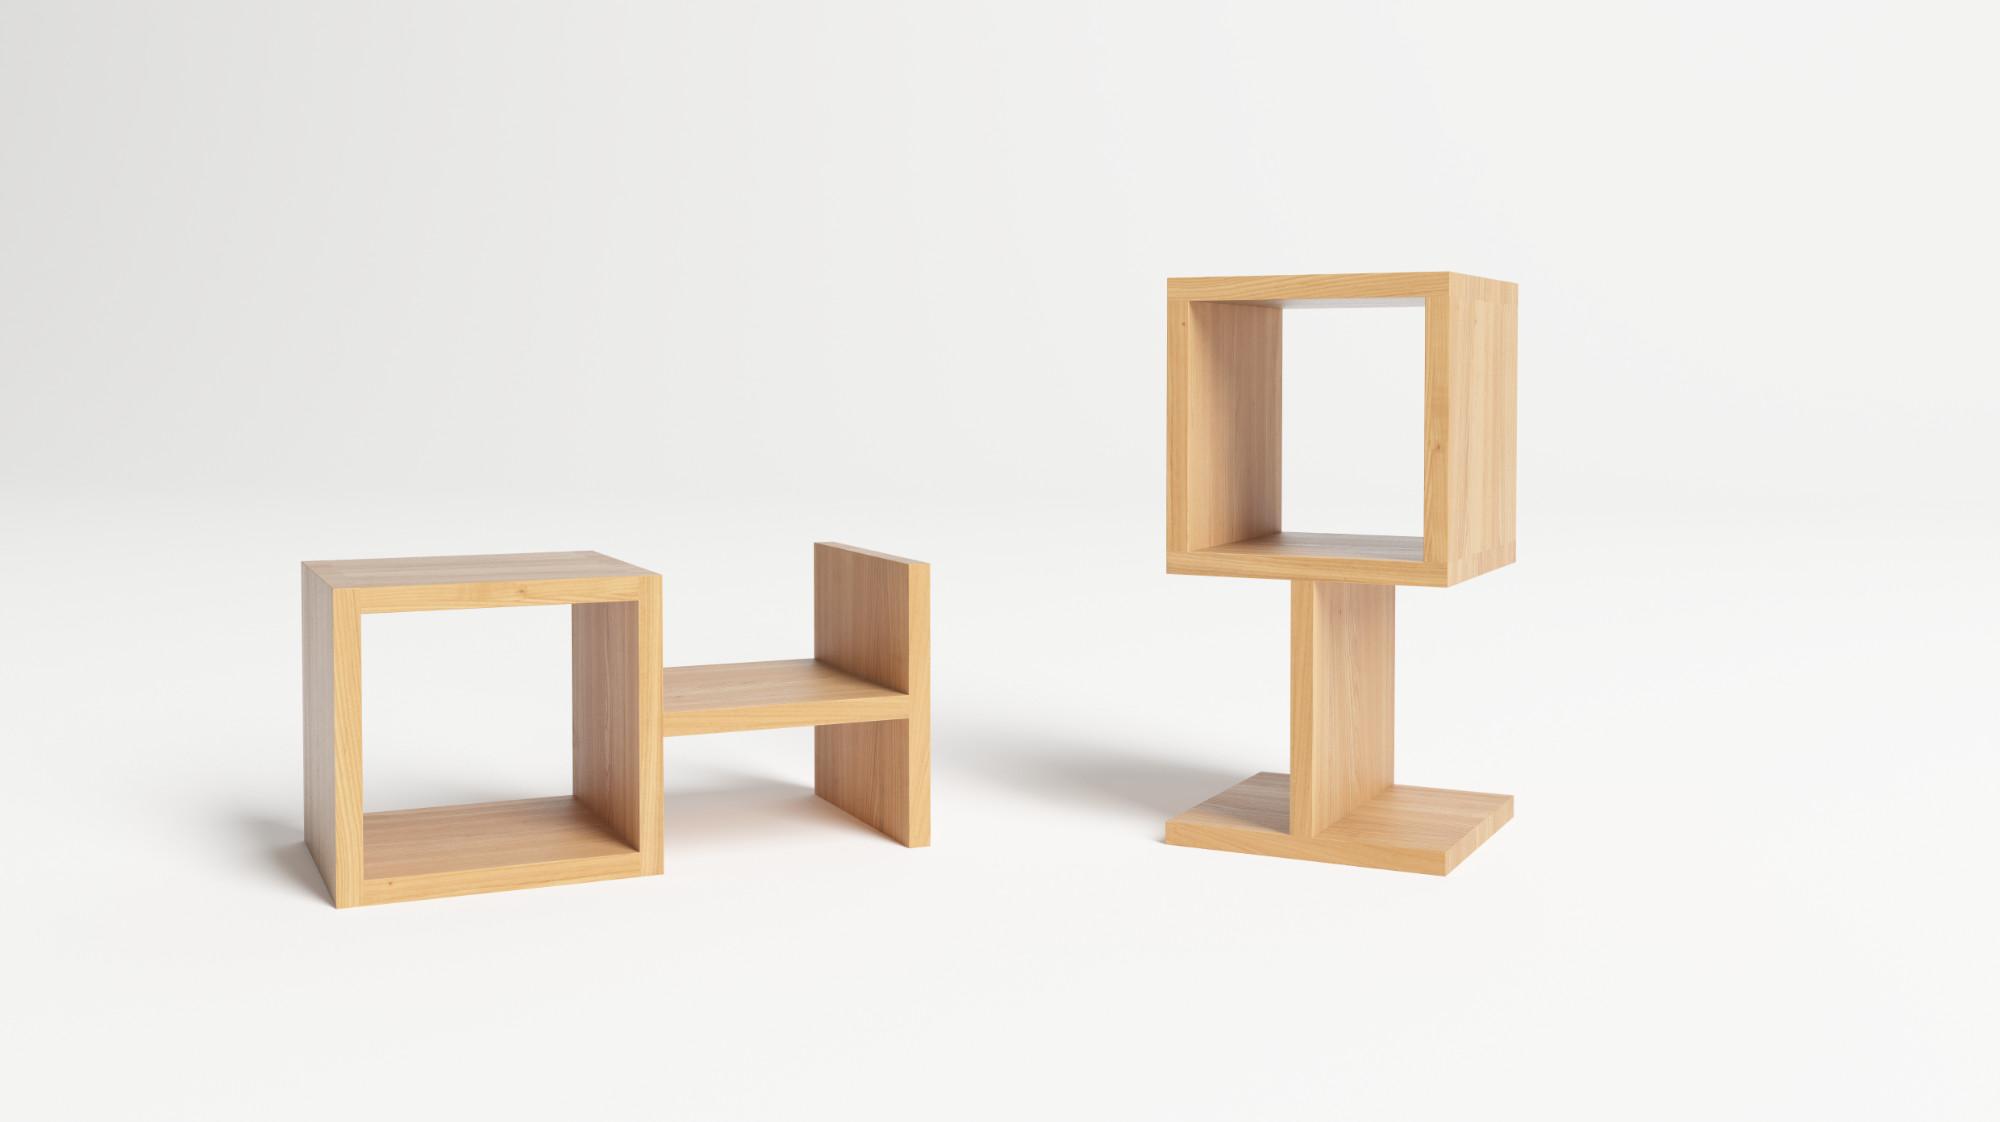 OH-wood-Gerard de Hoop